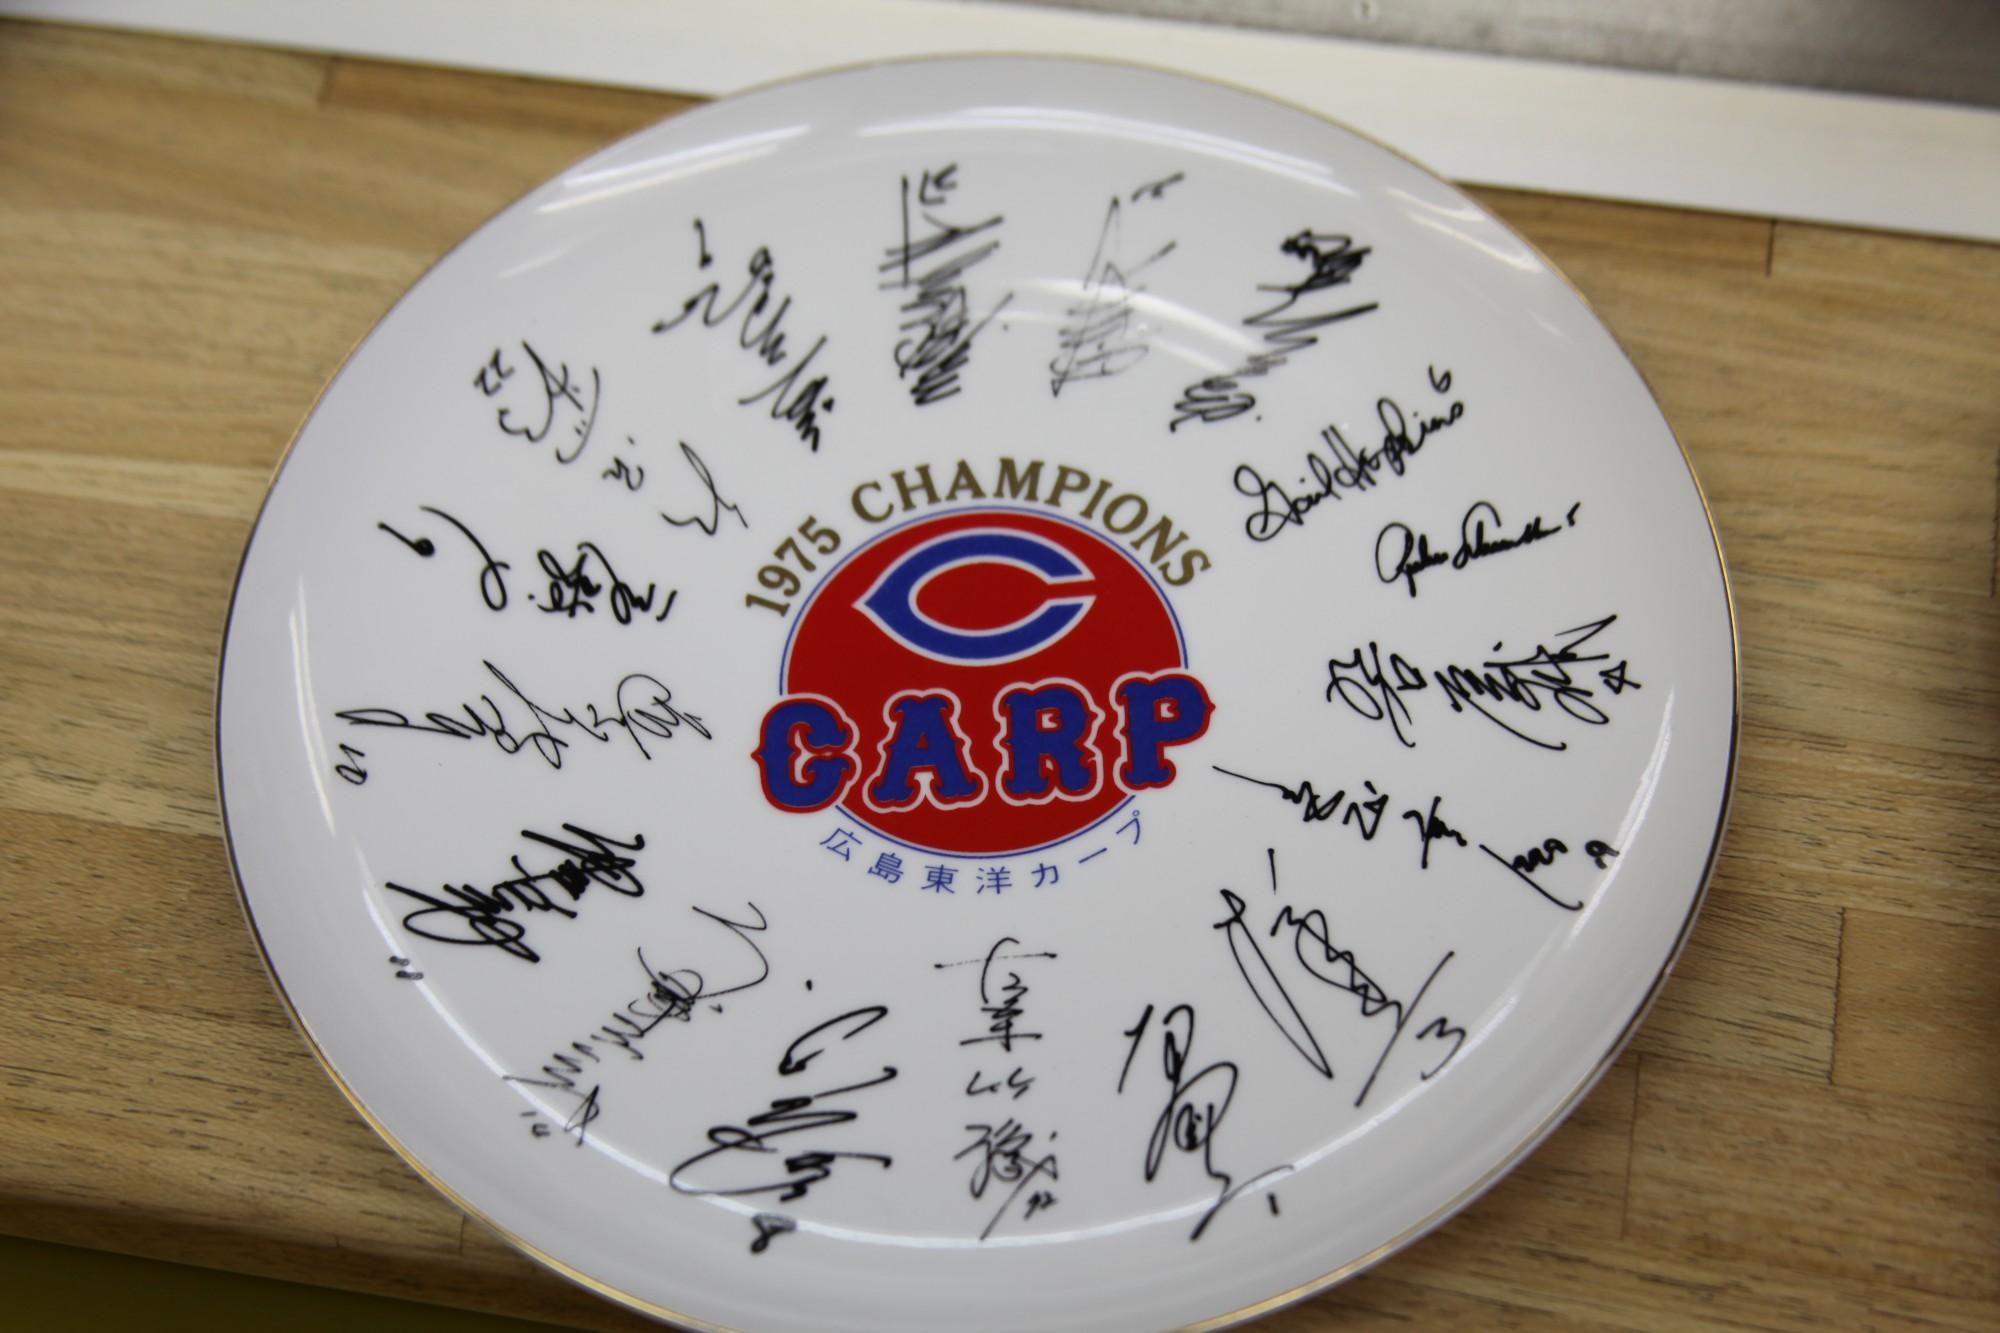 初優勝時の記念プレート。当時の所属選手のサインがずらり。